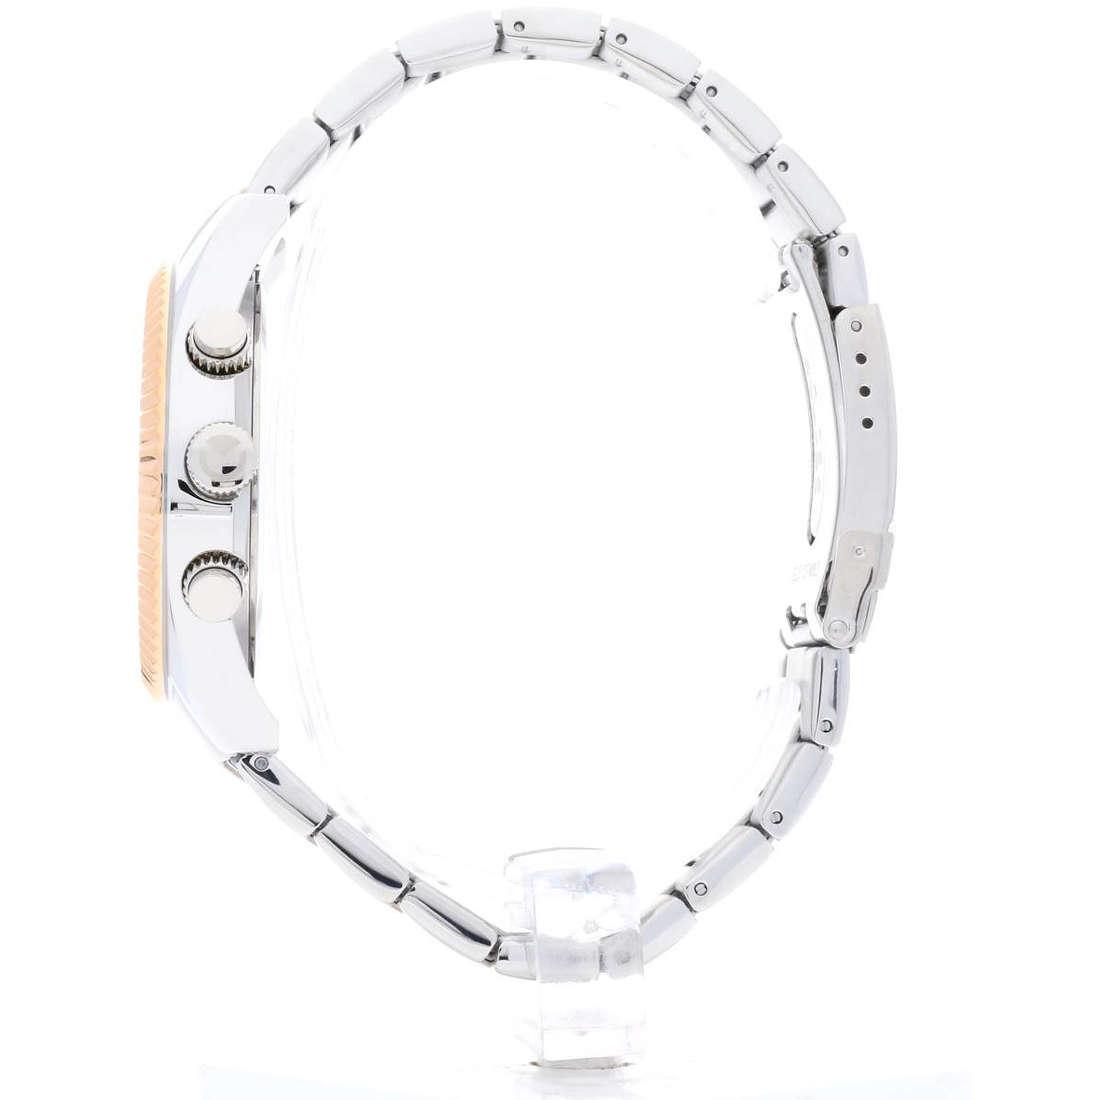 prezzi orologi uomo Sector R3273676001